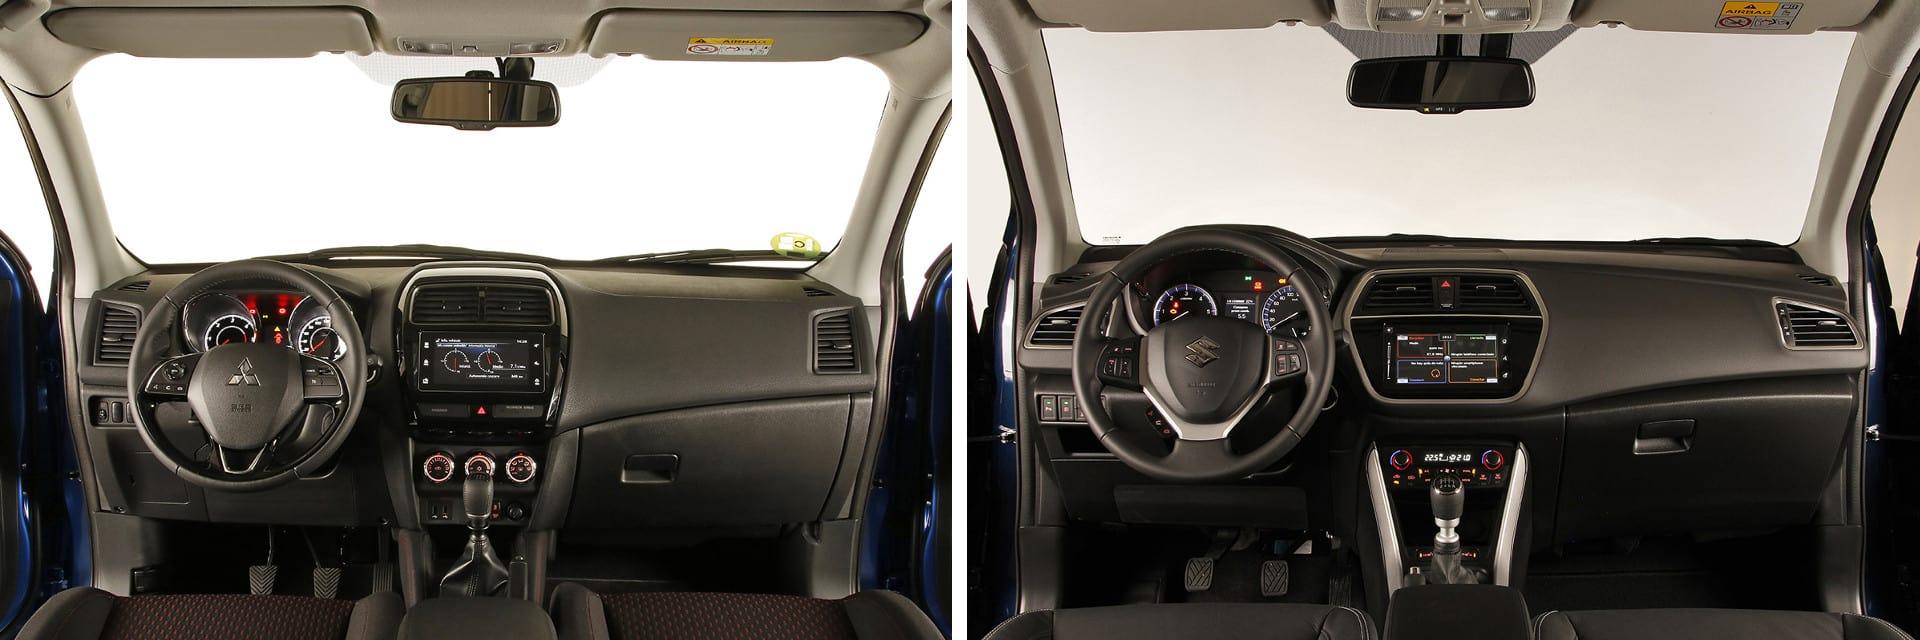 Los dos interiores están fabricados con materiales duros y que dan un aspecto sobrio.